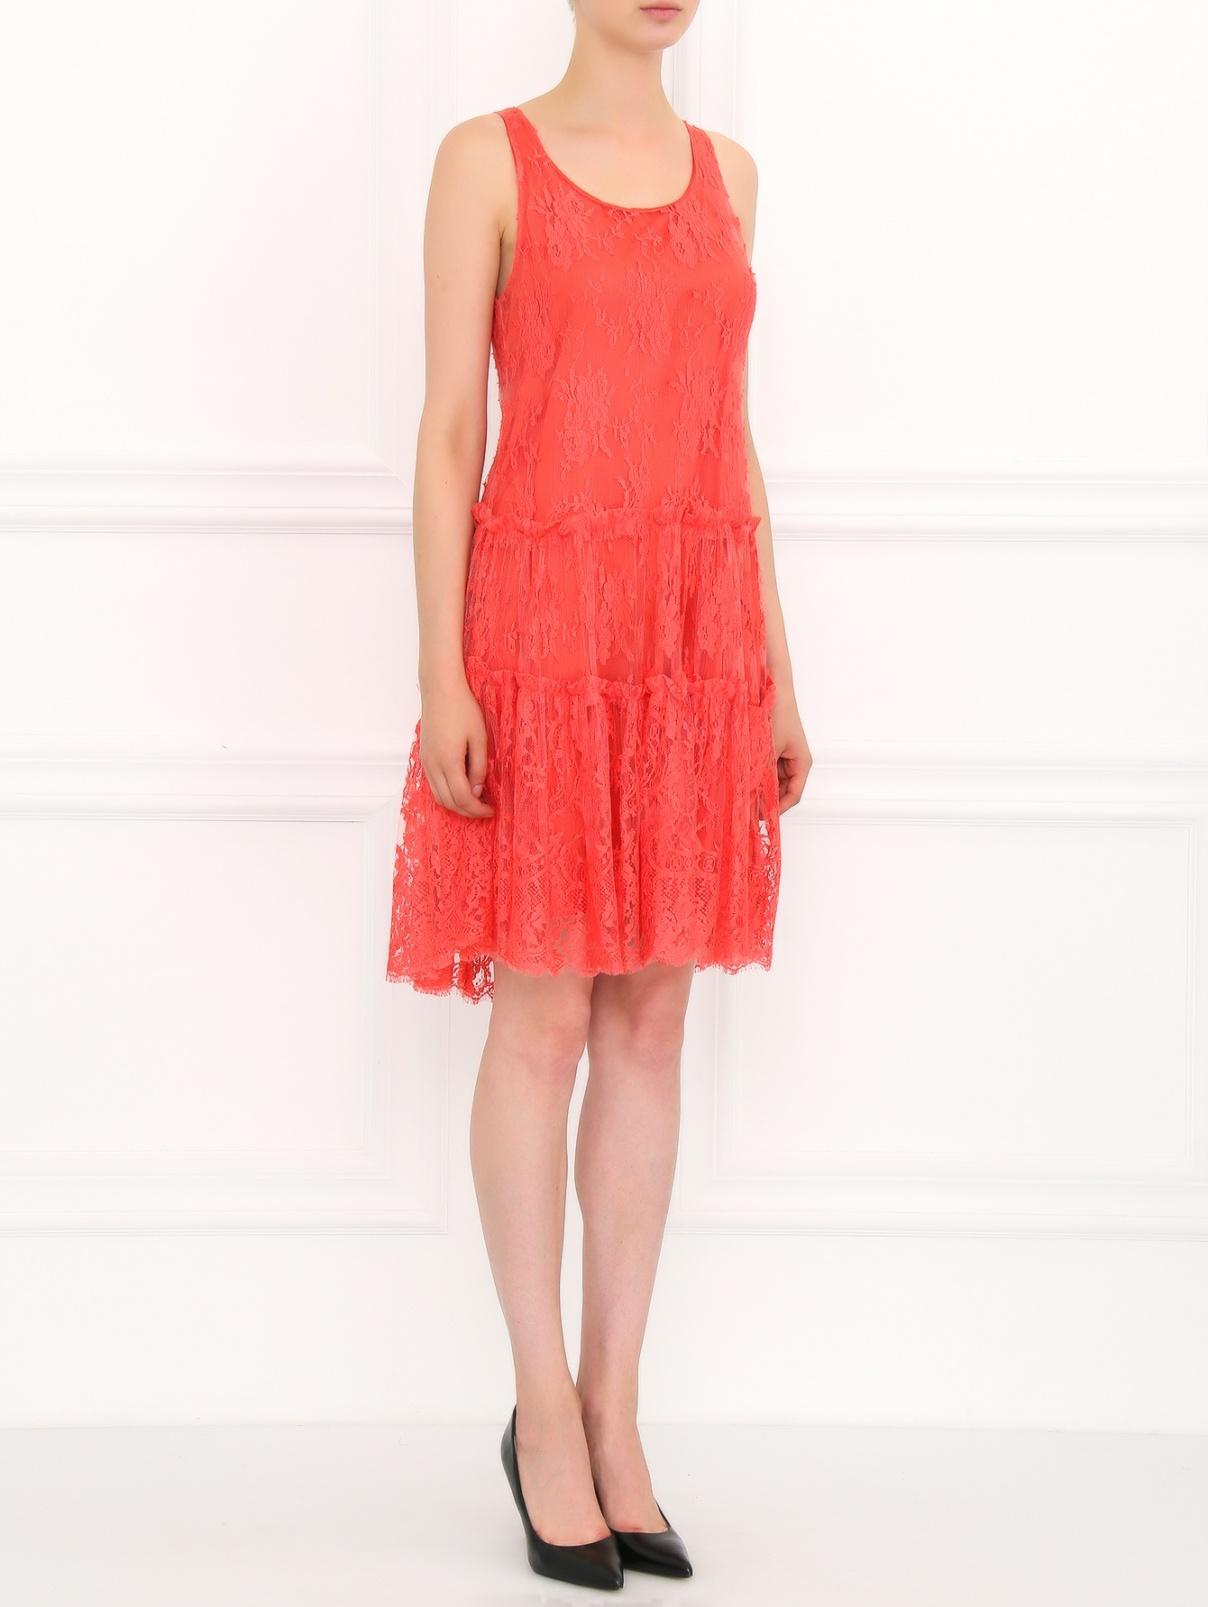 Платье из кружева с подкладкой Lil pour l'Autre  –  Модель Общий вид  – Цвет:  Красный